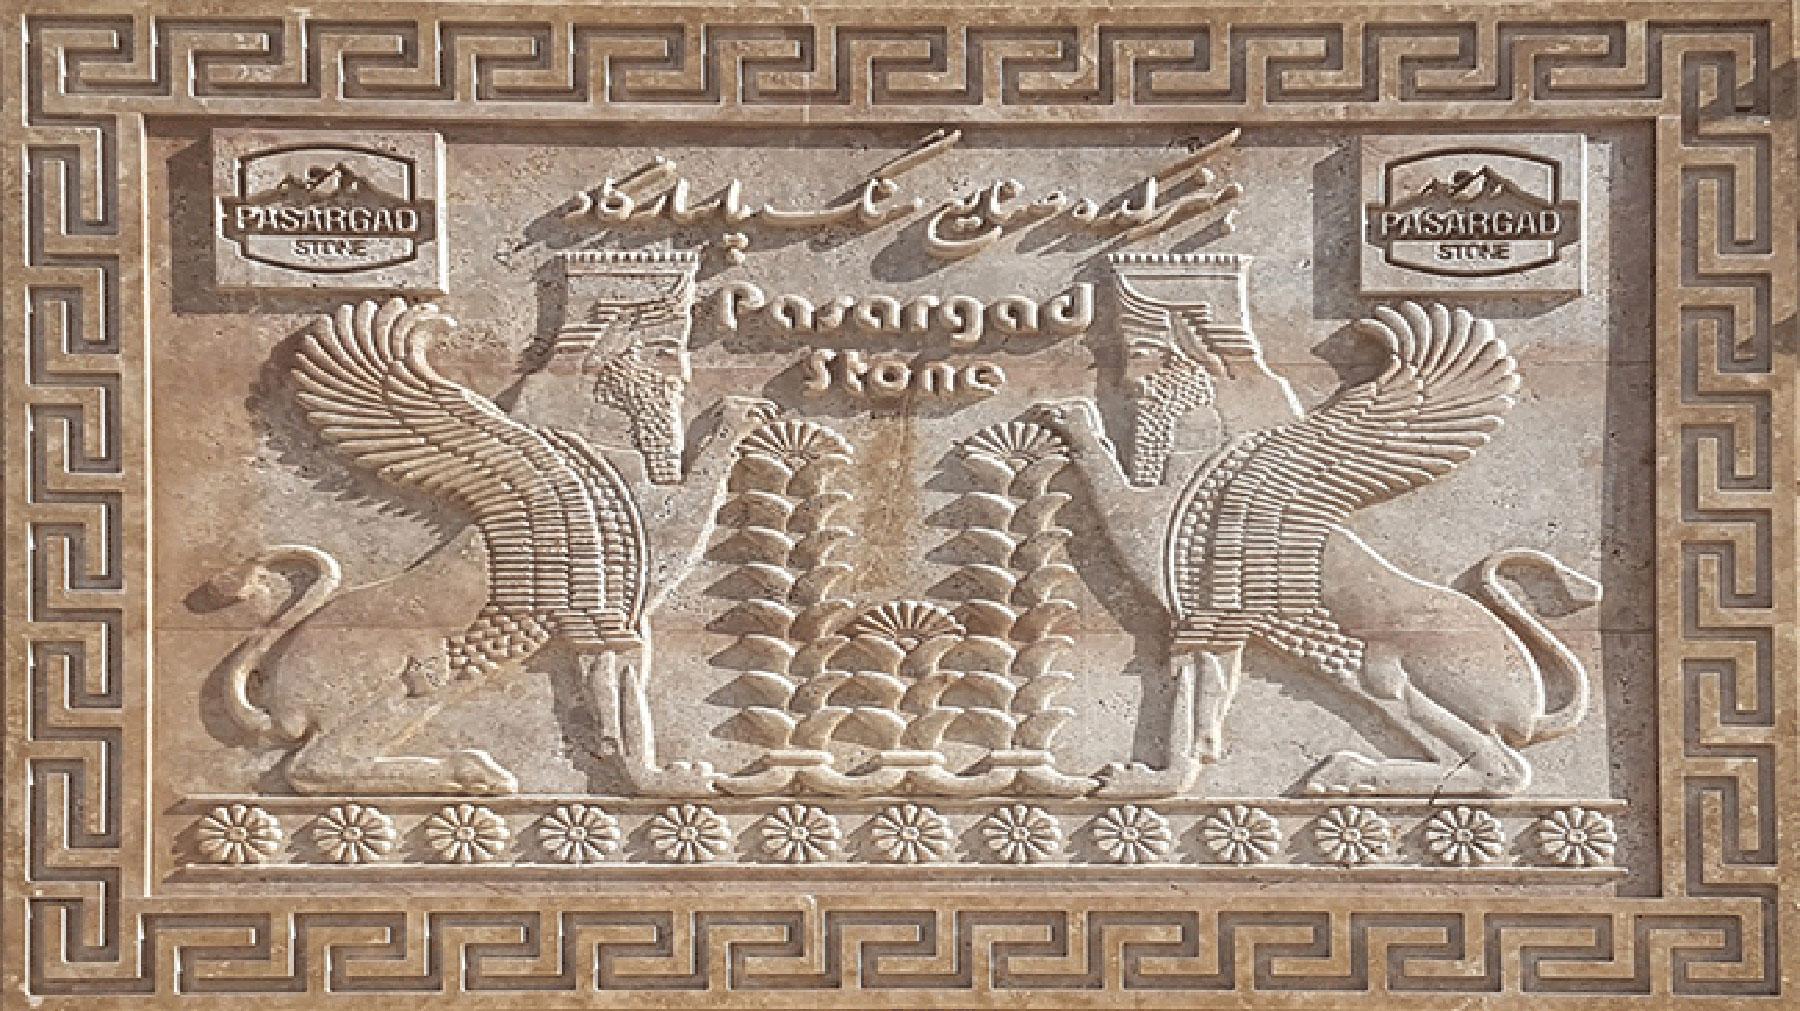 صنایع_سنگ_پاسارگاد